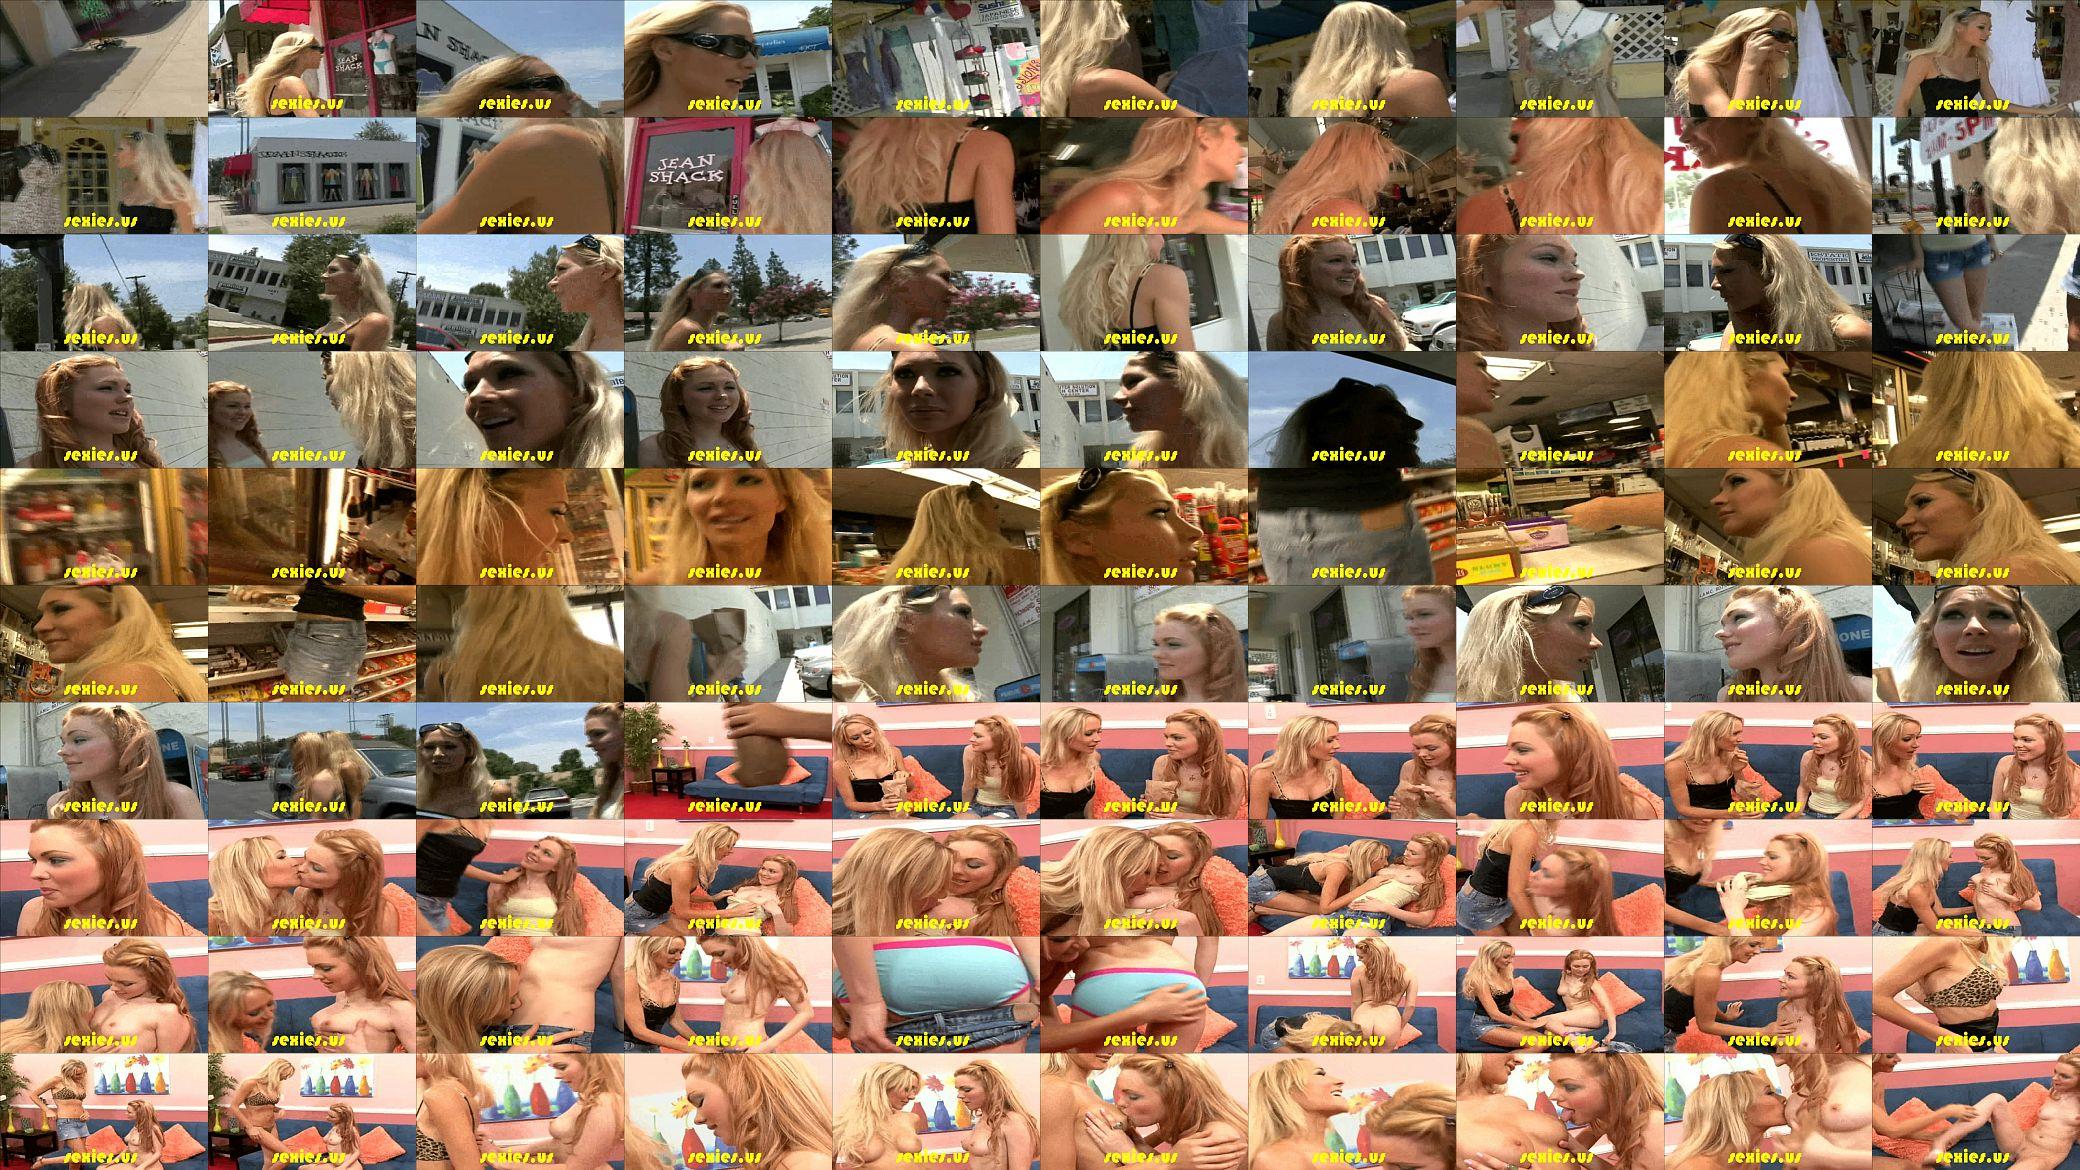 Ebony tribel women nude pic